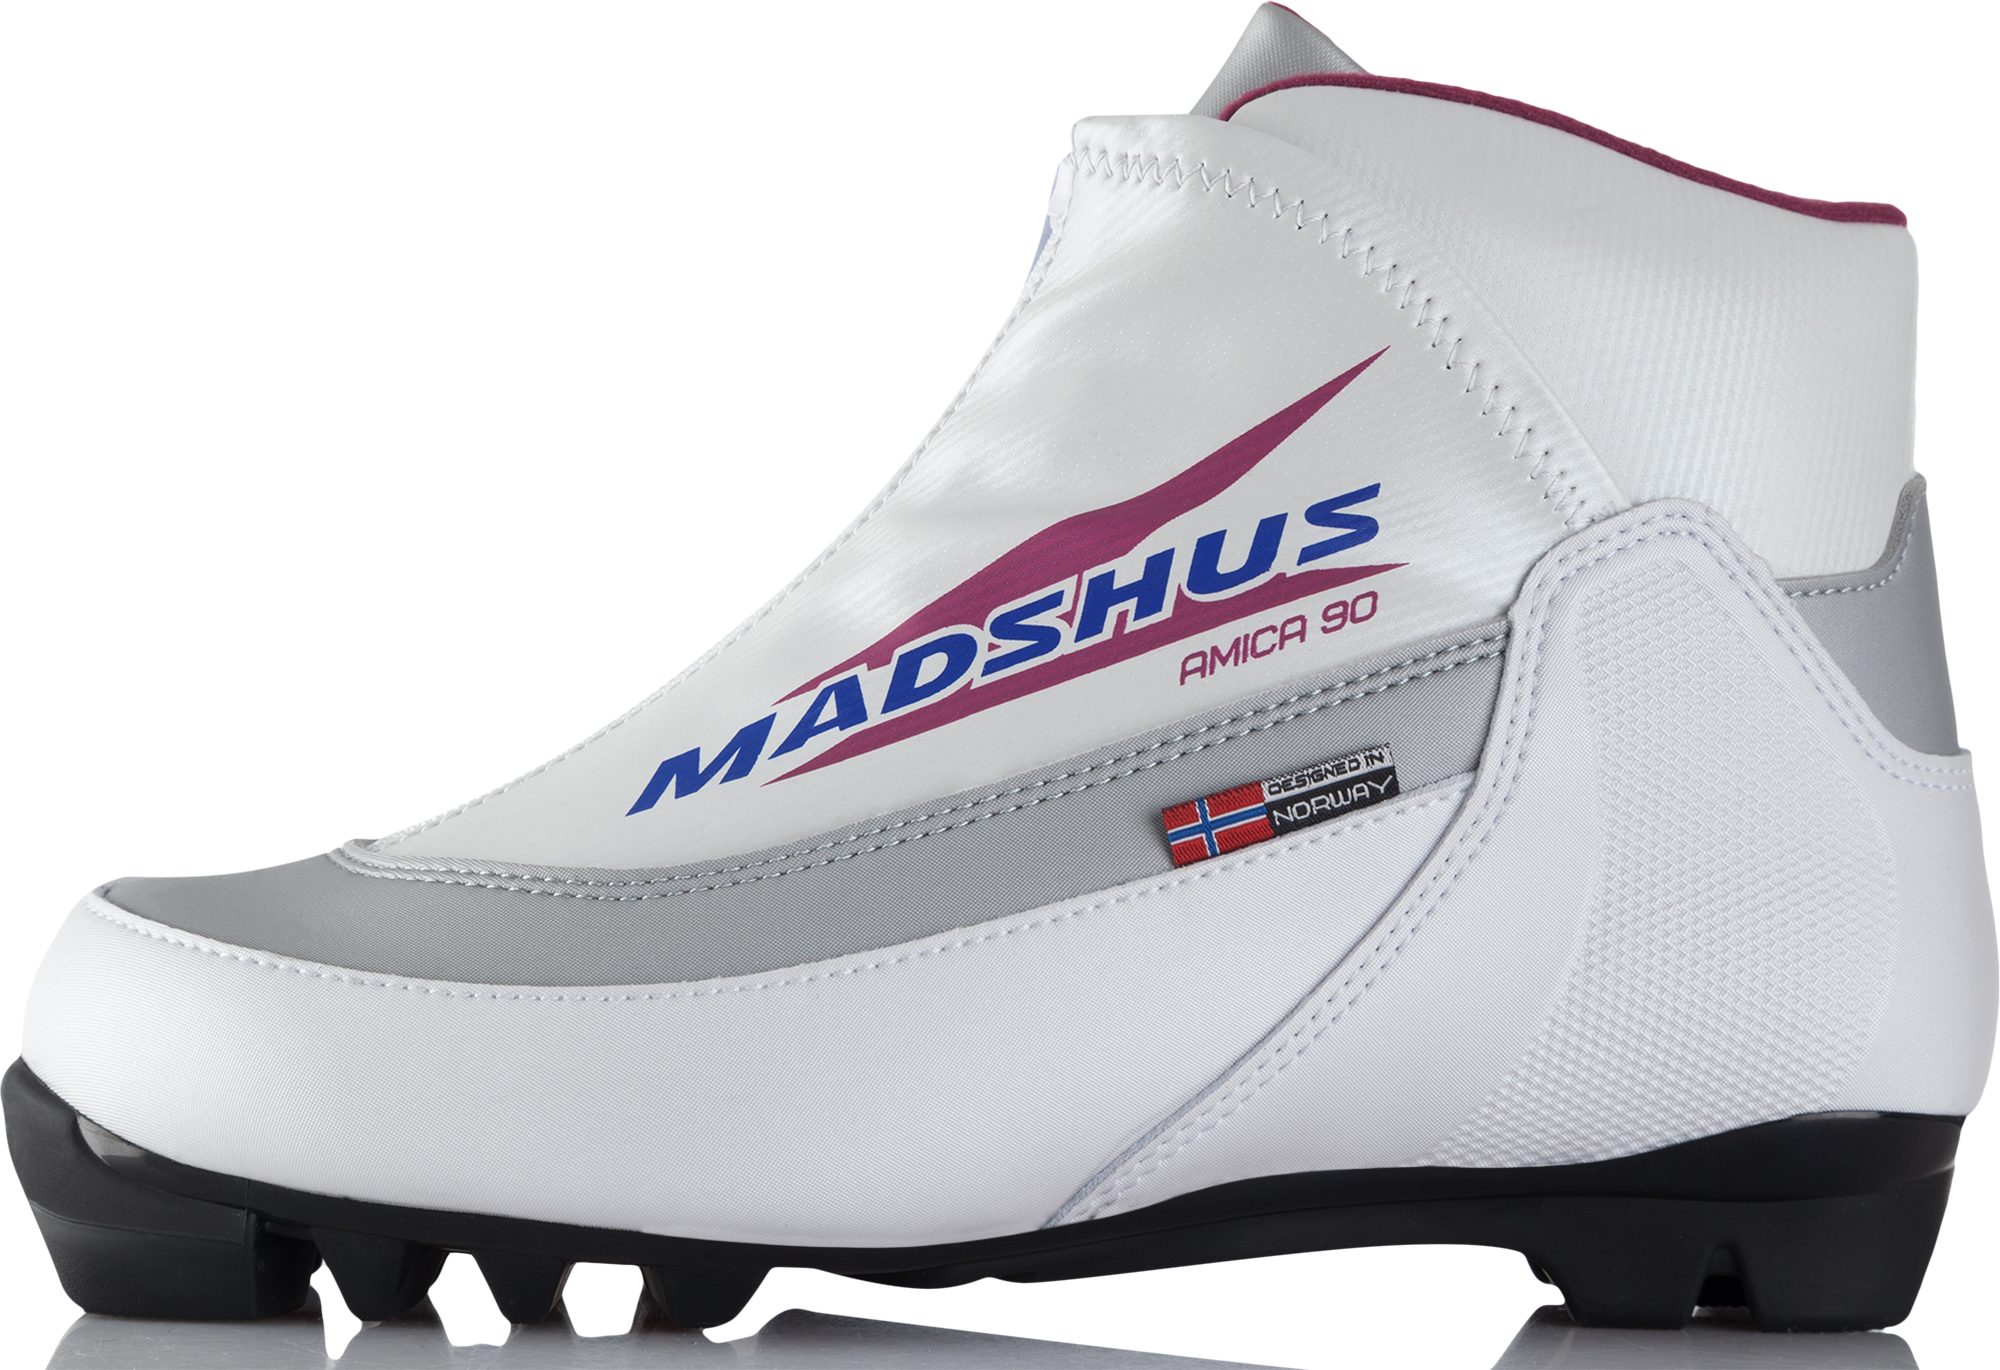 Madshus Ботинки для беговых лыж женские Madshus Amica 90